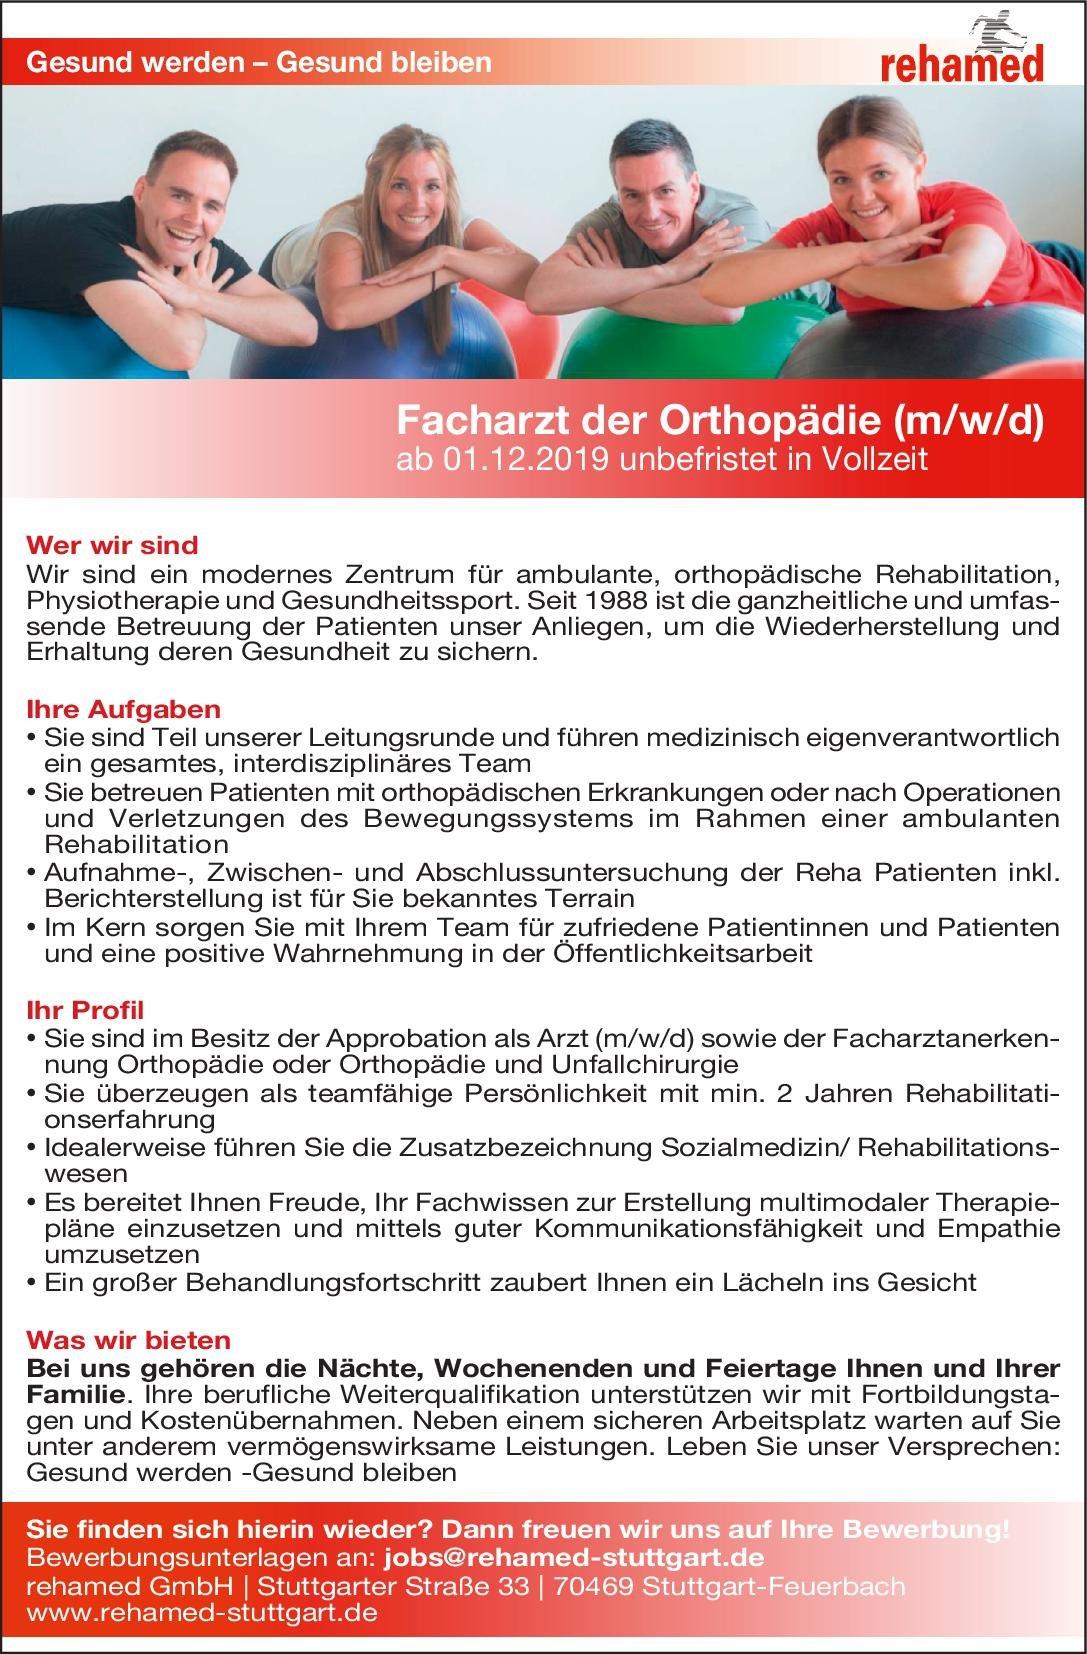 rehamed GmbH Facharzt für Orthopädie (m/w/d)  Orthopädie und Unfallchirurgie, Chirurgie Arzt / Facharzt